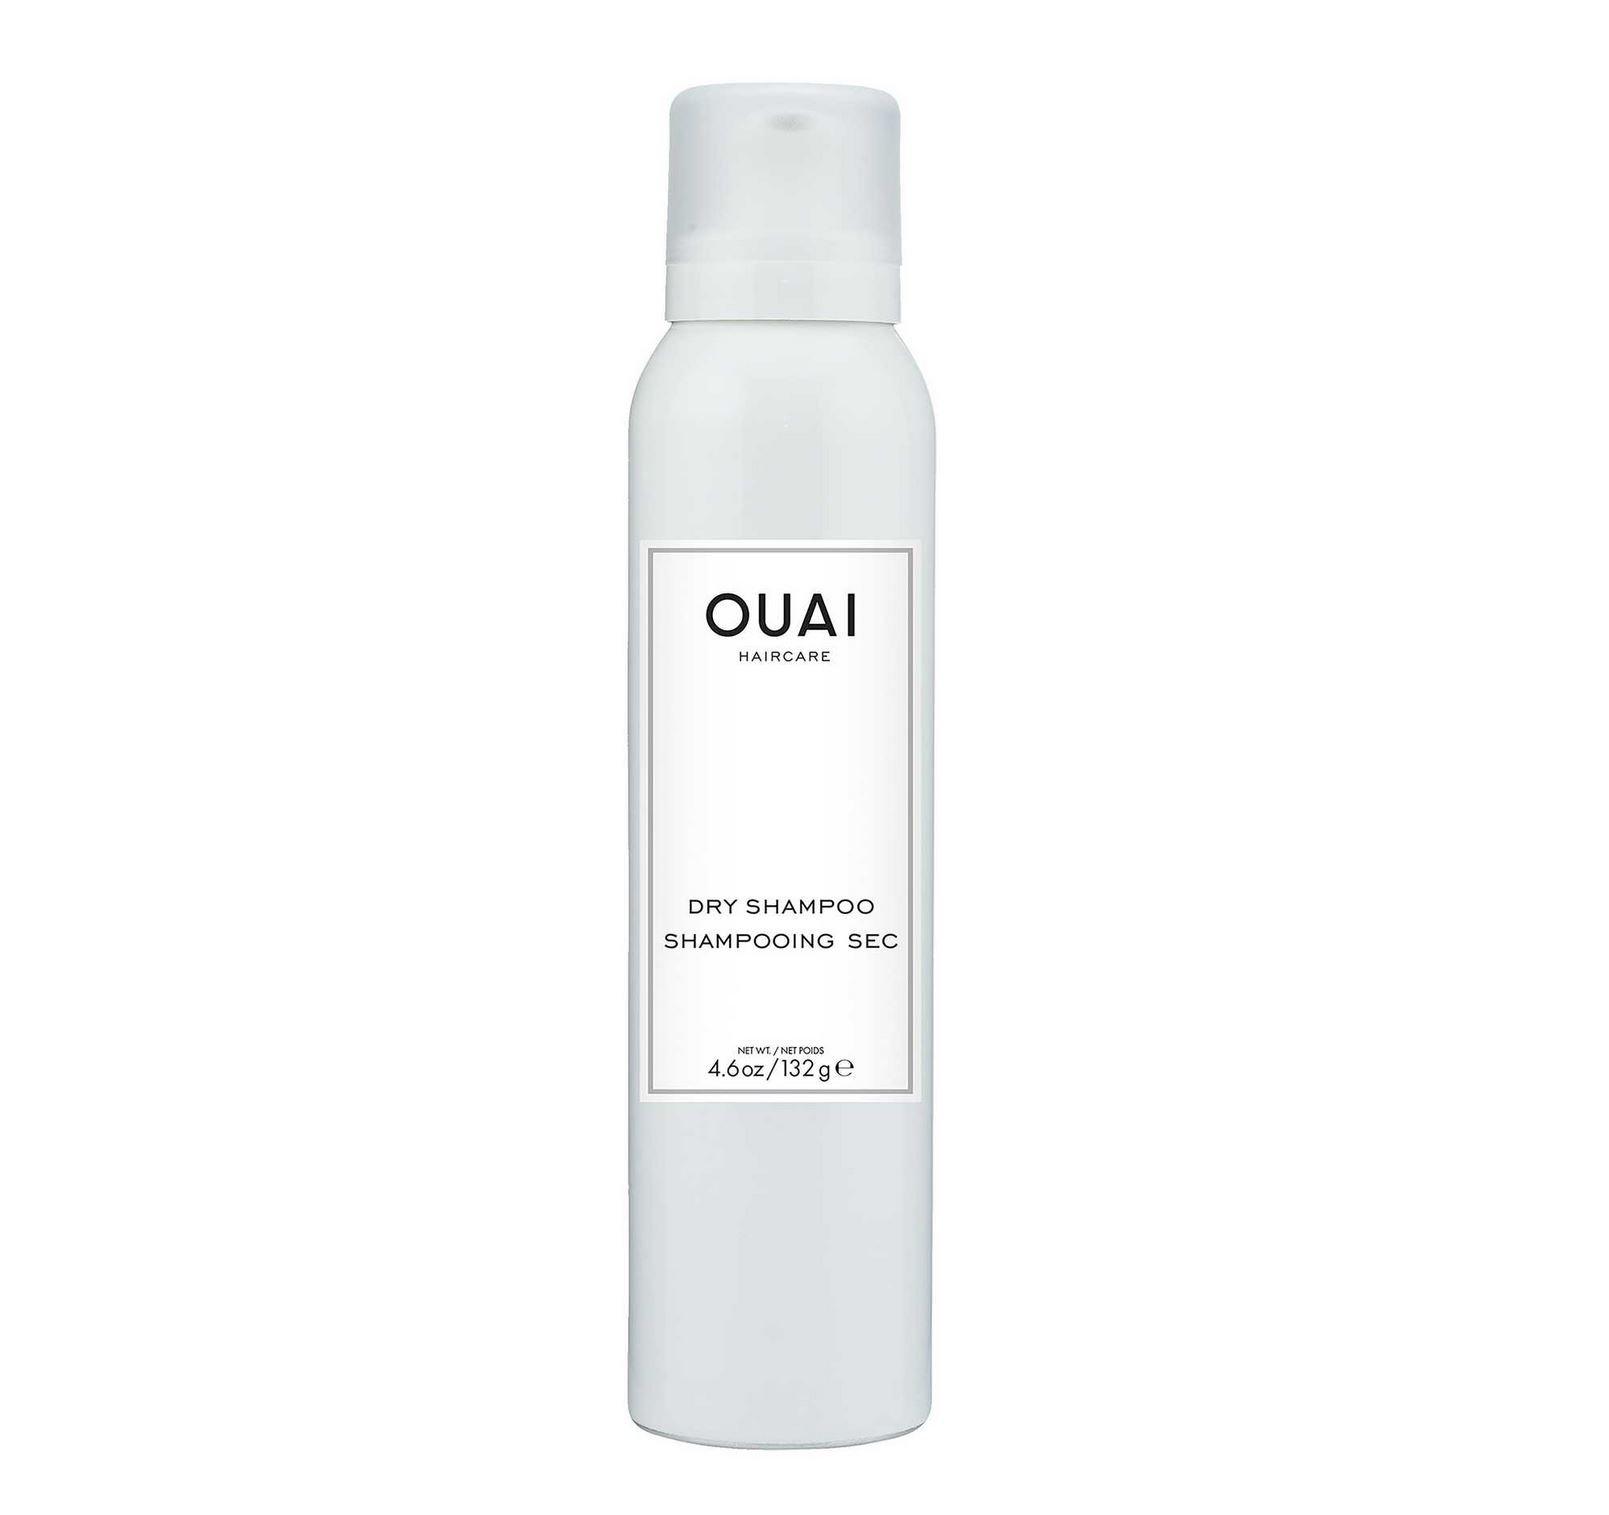 OUAI - Haircare Dry Shampoo